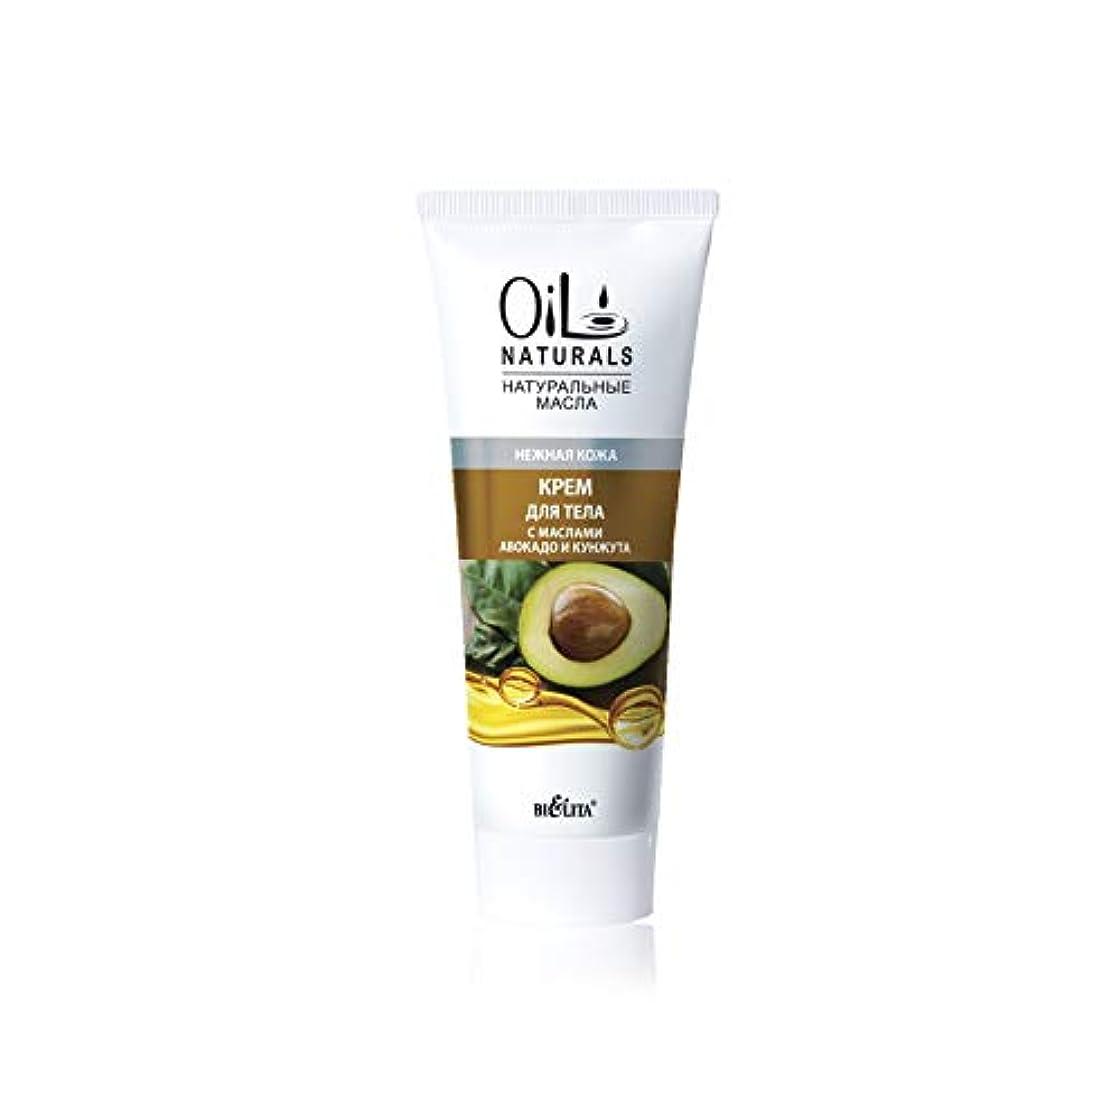 過去小道つまずくBielita & Vitex   Oil Naturals Line   Moisturizing Body Cream for Delicate Skin, 200 ml   Avocado Oil, Silk Proteins...